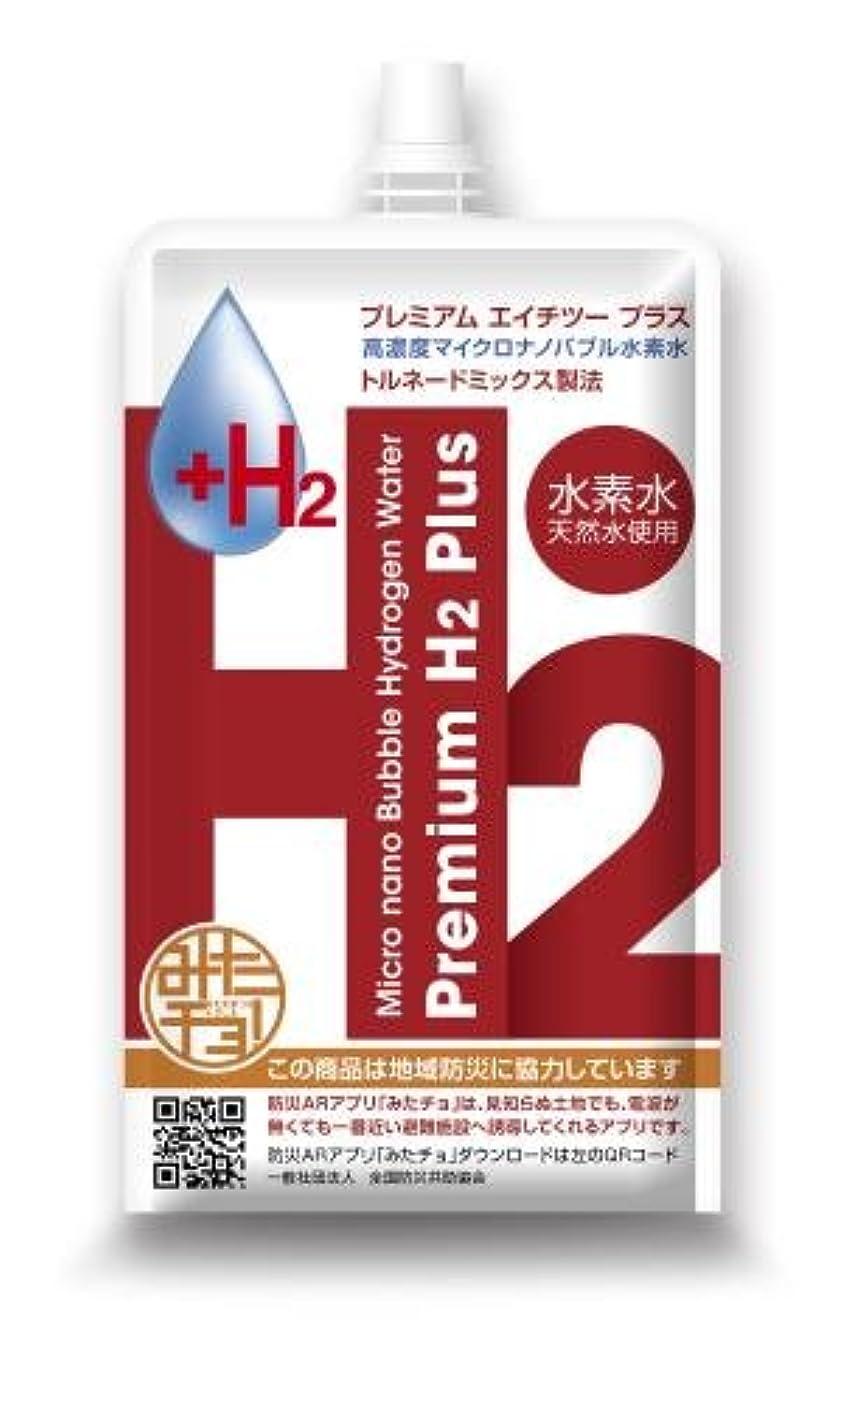 パパエレメンタル限られた水素水 新Premium H2 Plus 30パック(500ml)